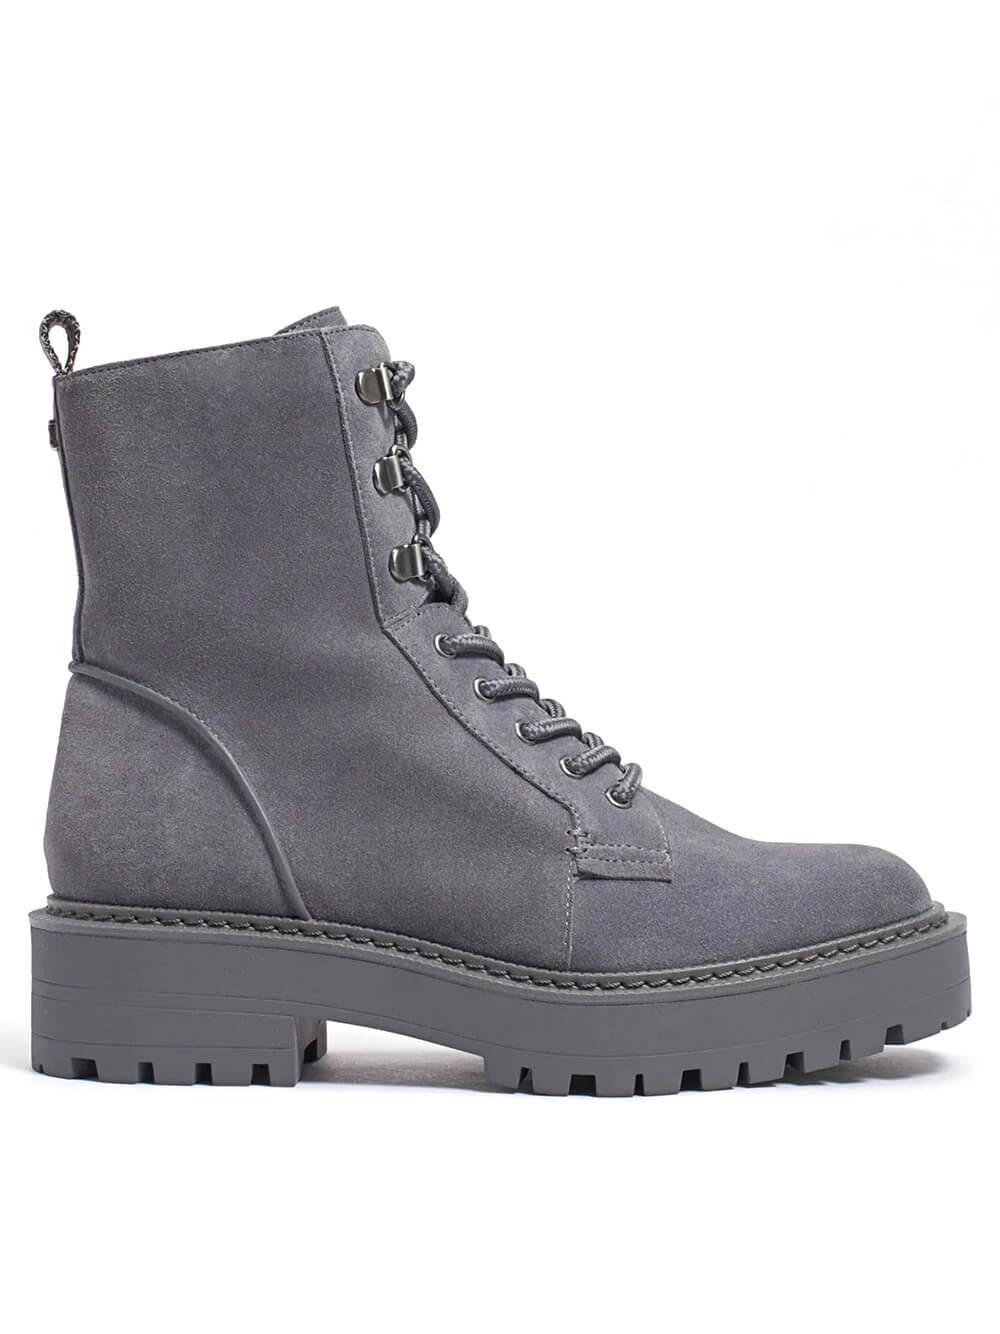 Lue Lug Boot Item # LUE